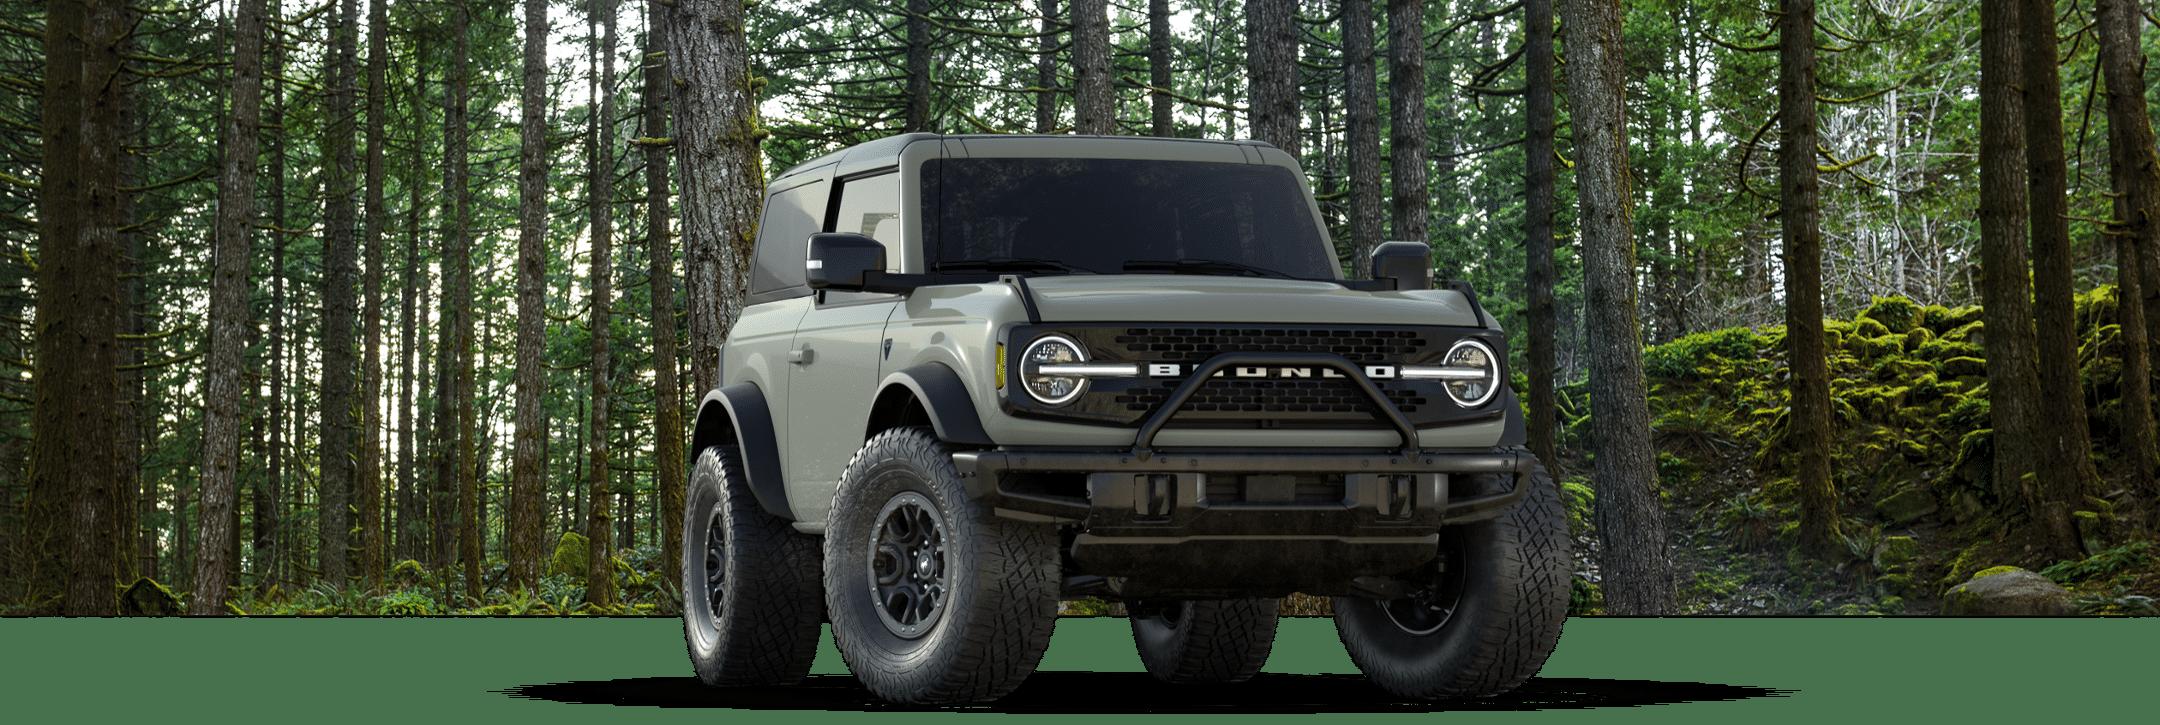 2021 Ford Bronco Suv The 2 Door 4 Door Bronco Is Back In 2020